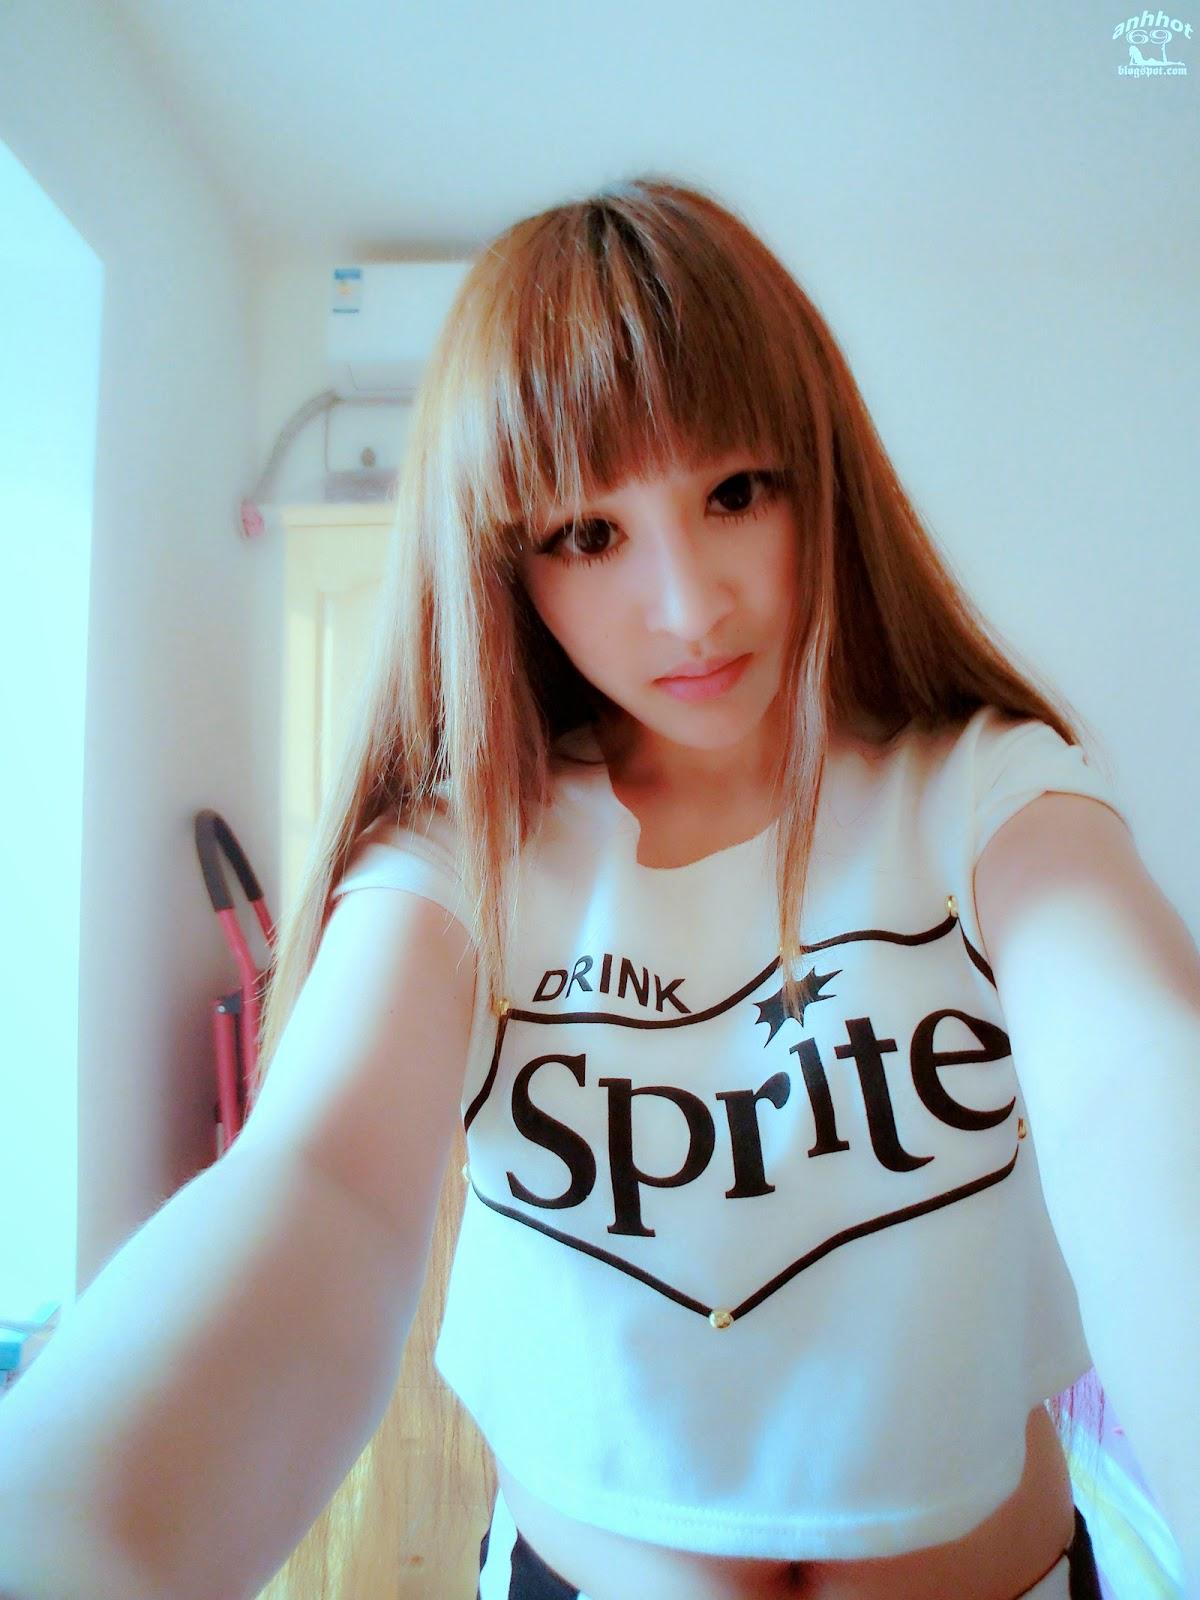 Suxia_h5_117491749224edbcf0o